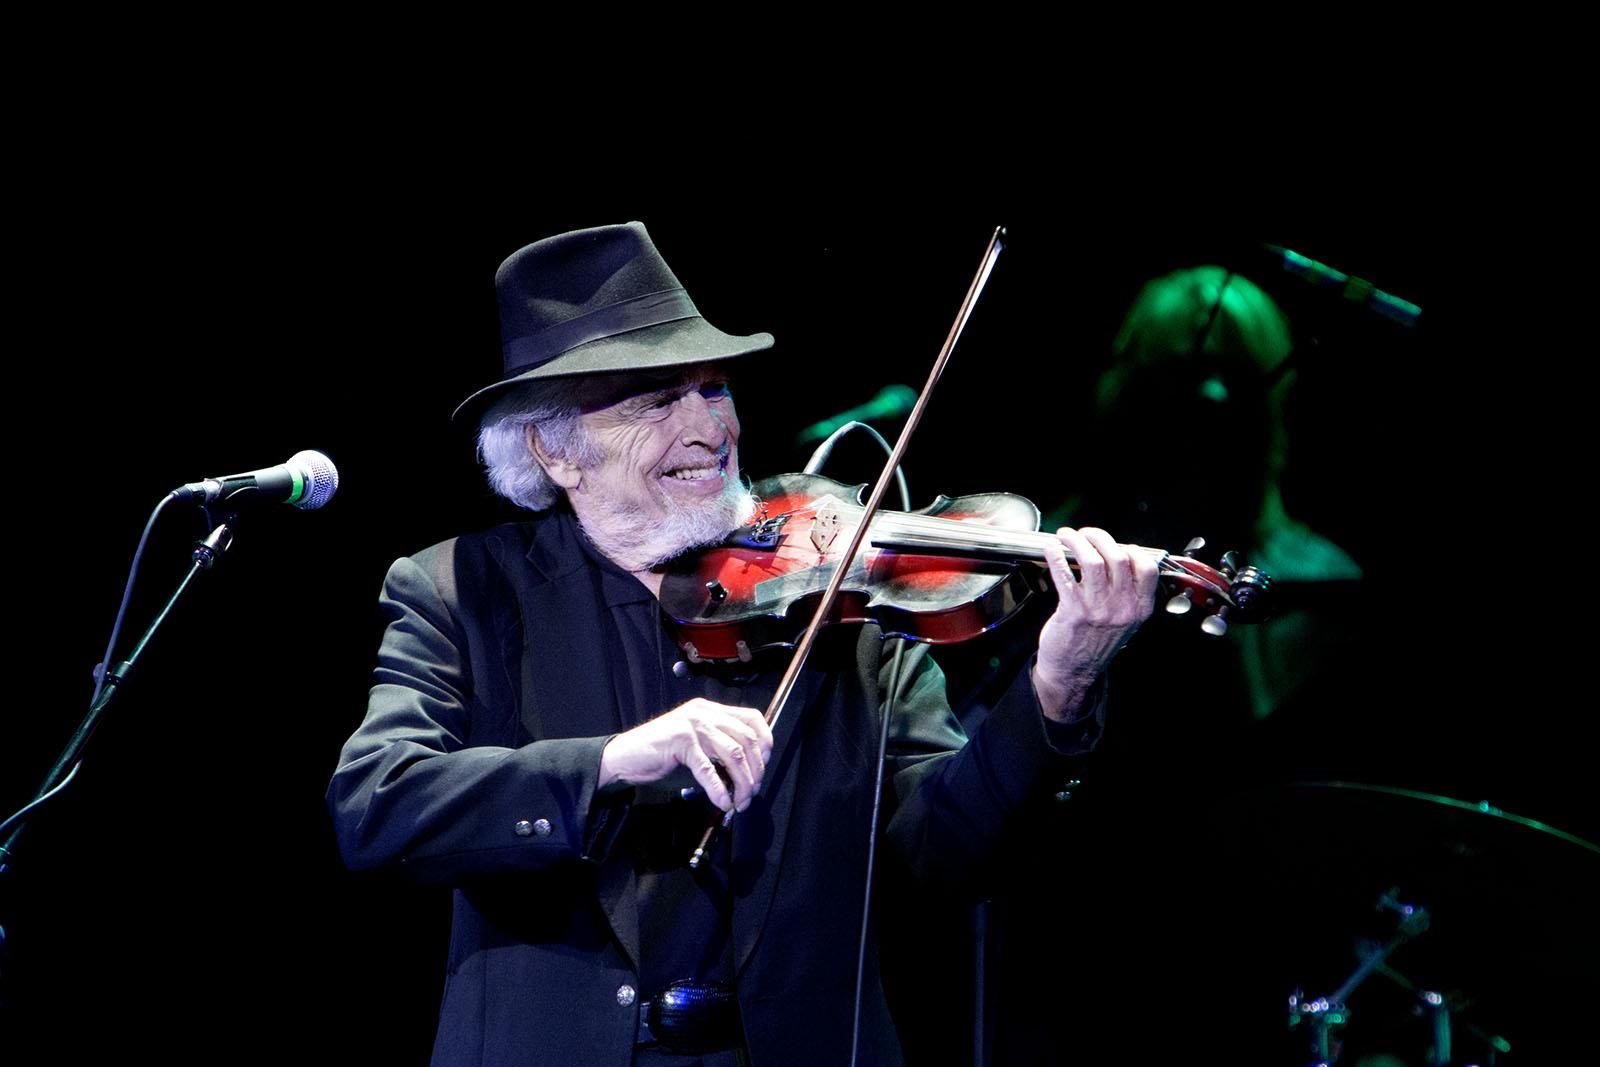 Merle spelade även fiol under ett par låtar på Music Hall i Tarrytown.